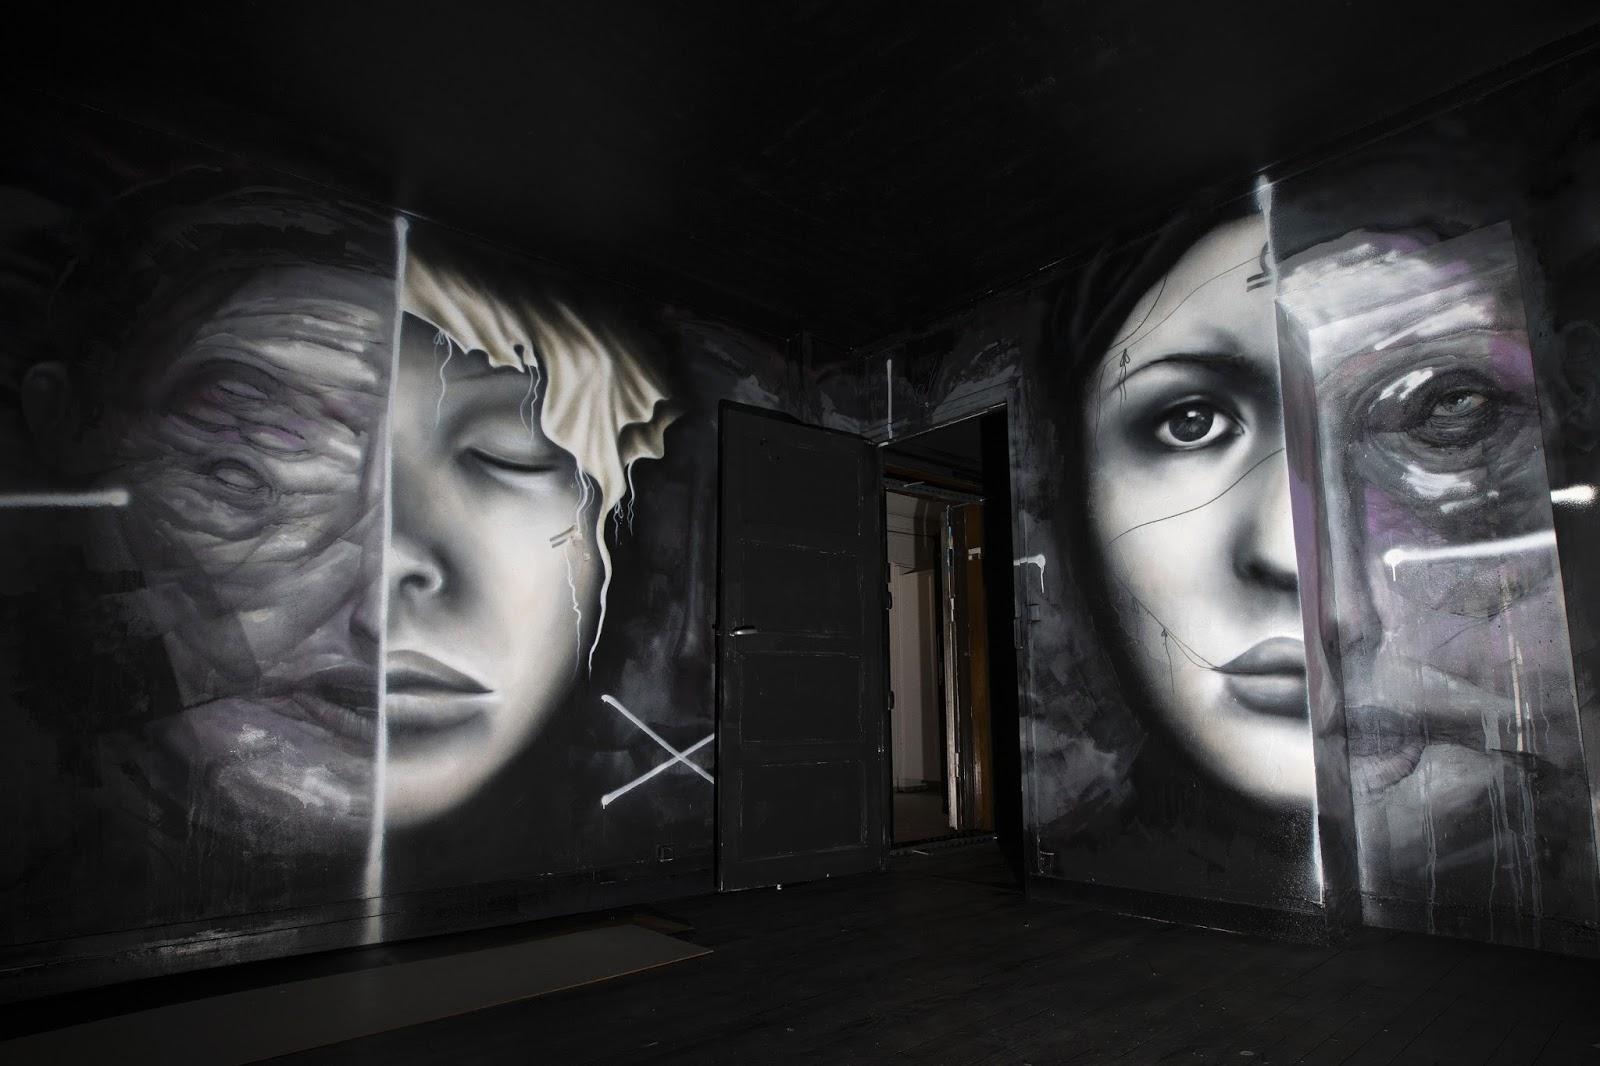 Art Show, Competition, Creation, Creativity, Exhibition, French Artist, La Tour, Mehdi Ben Cheikh, Painting, Paris Shows, Street Art works, Tour Paris 13,